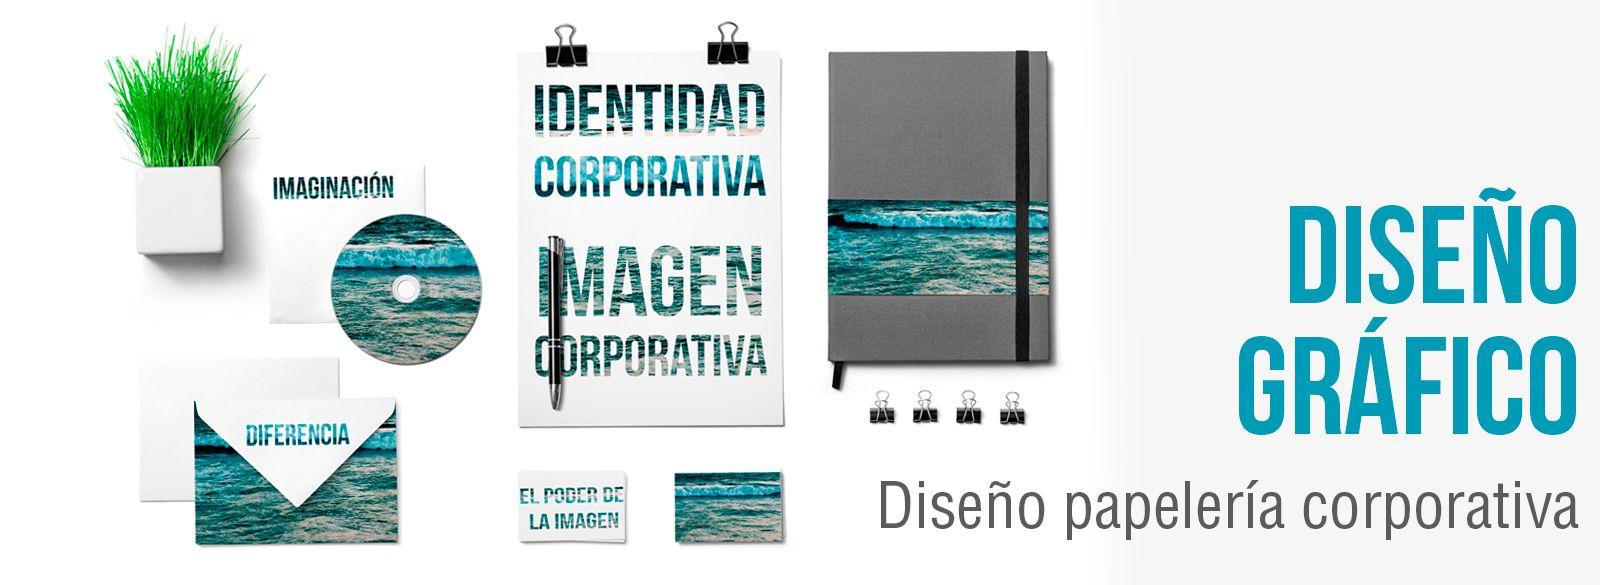 Diseño papelería corporativa. Diseño gráfico papelería.